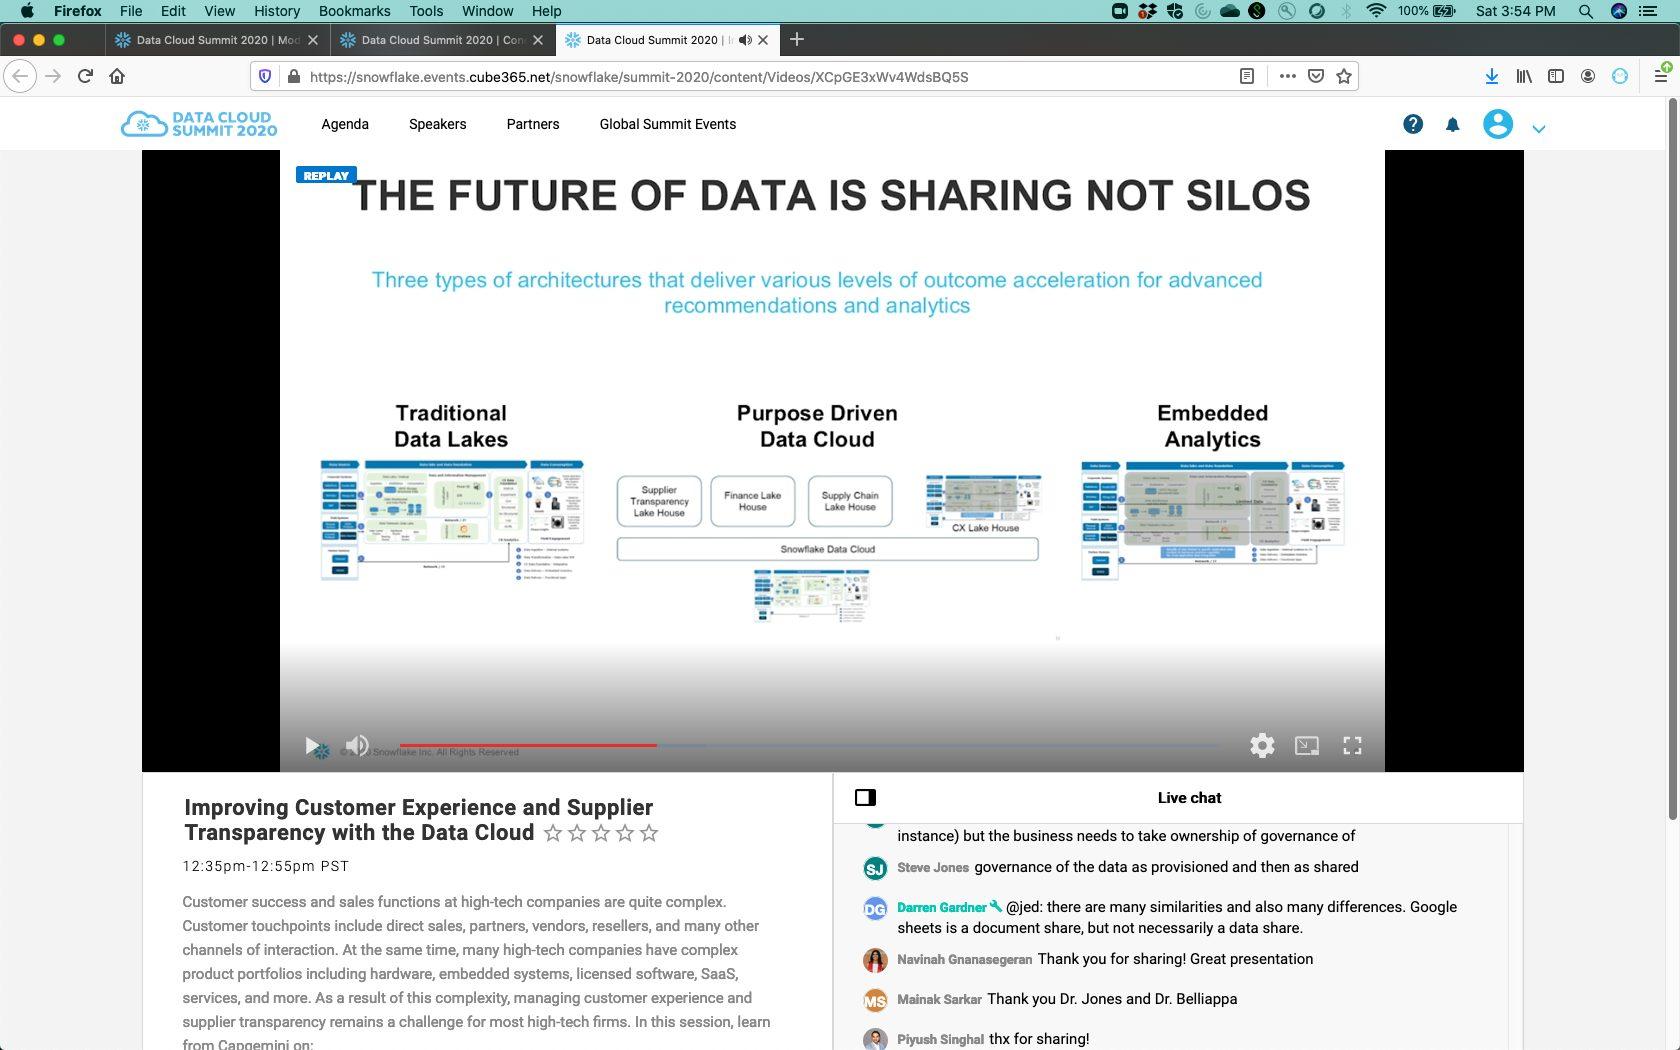 Improving Customer Experience Data Cloud Capgemini